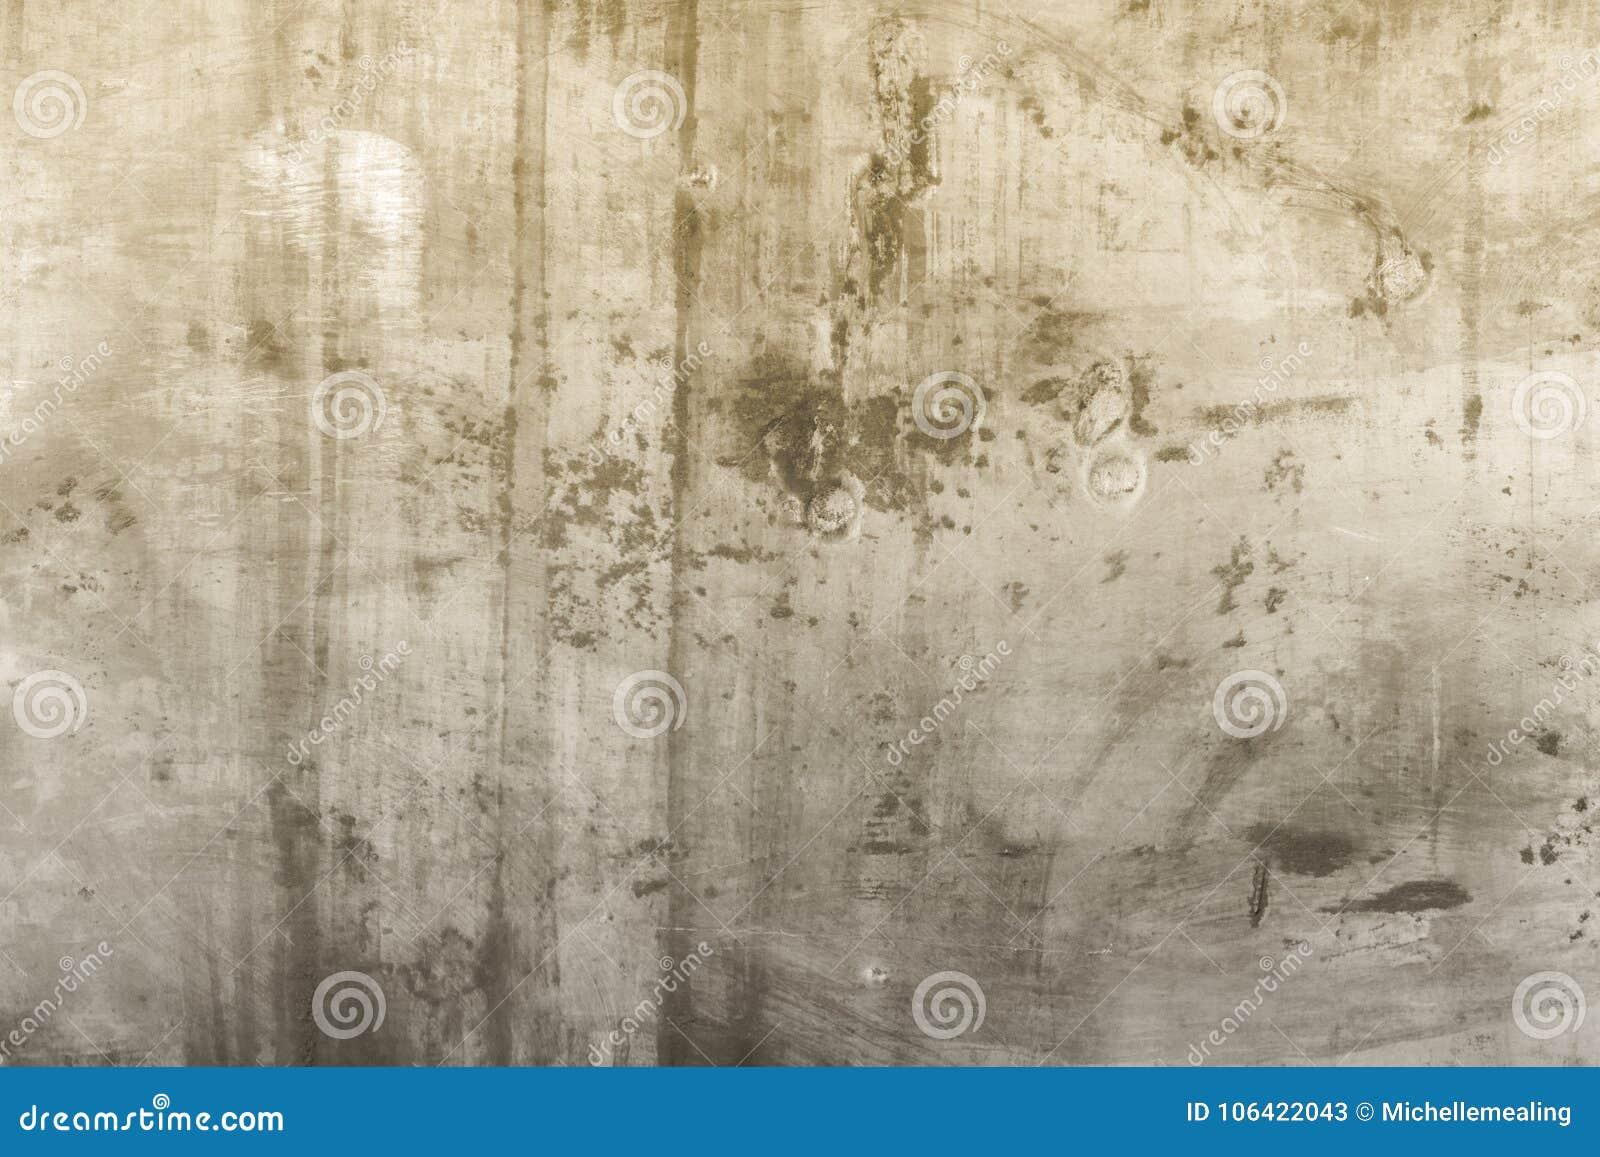 Download Grunge Textured Background